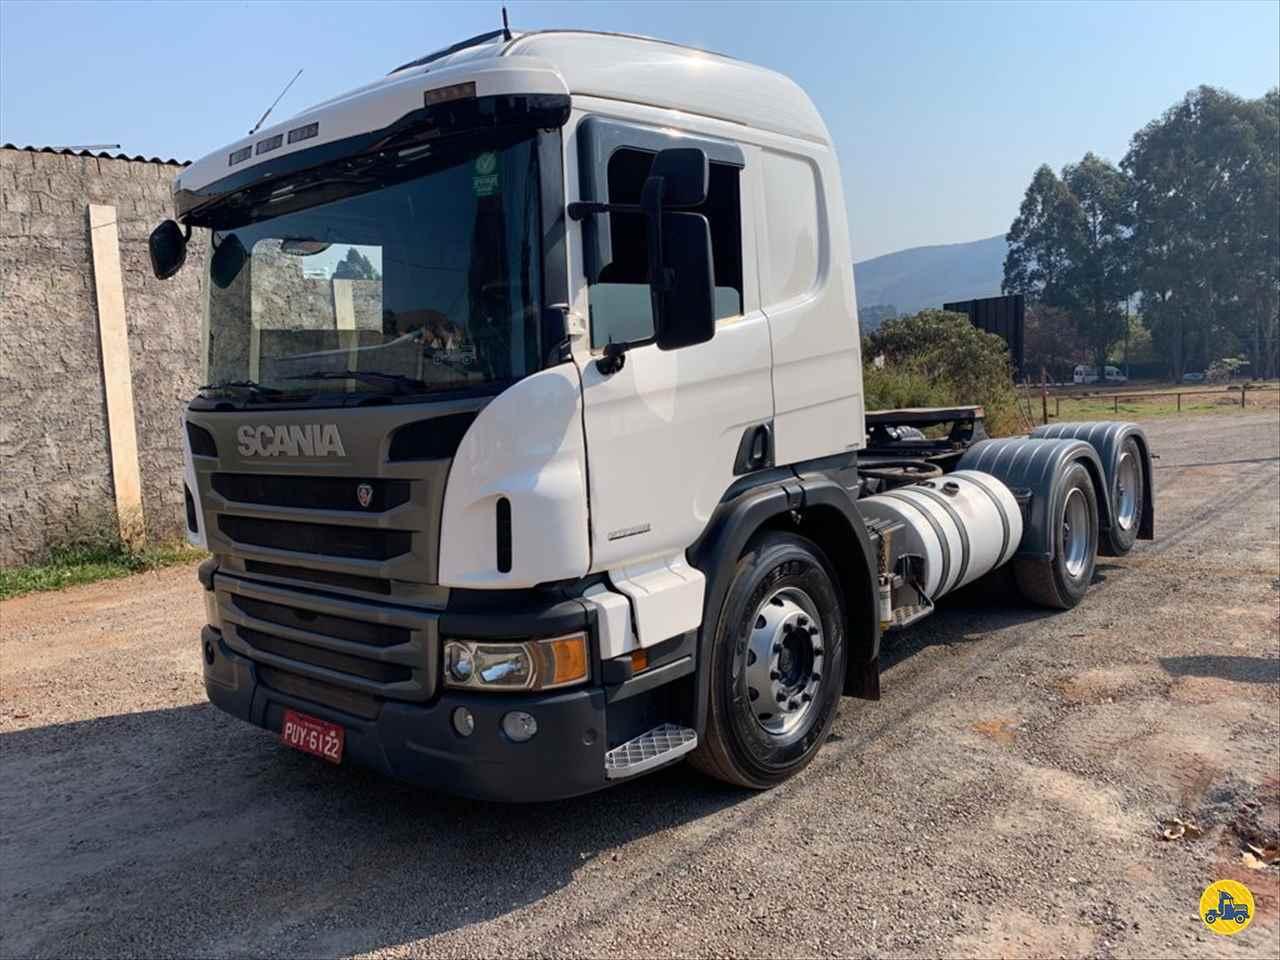 CAMINHAO SCANIA SCANIA P360 Cavalo Mecânico Truck 6x2 OuroTrans PASSOS MINAS GERAIS MG